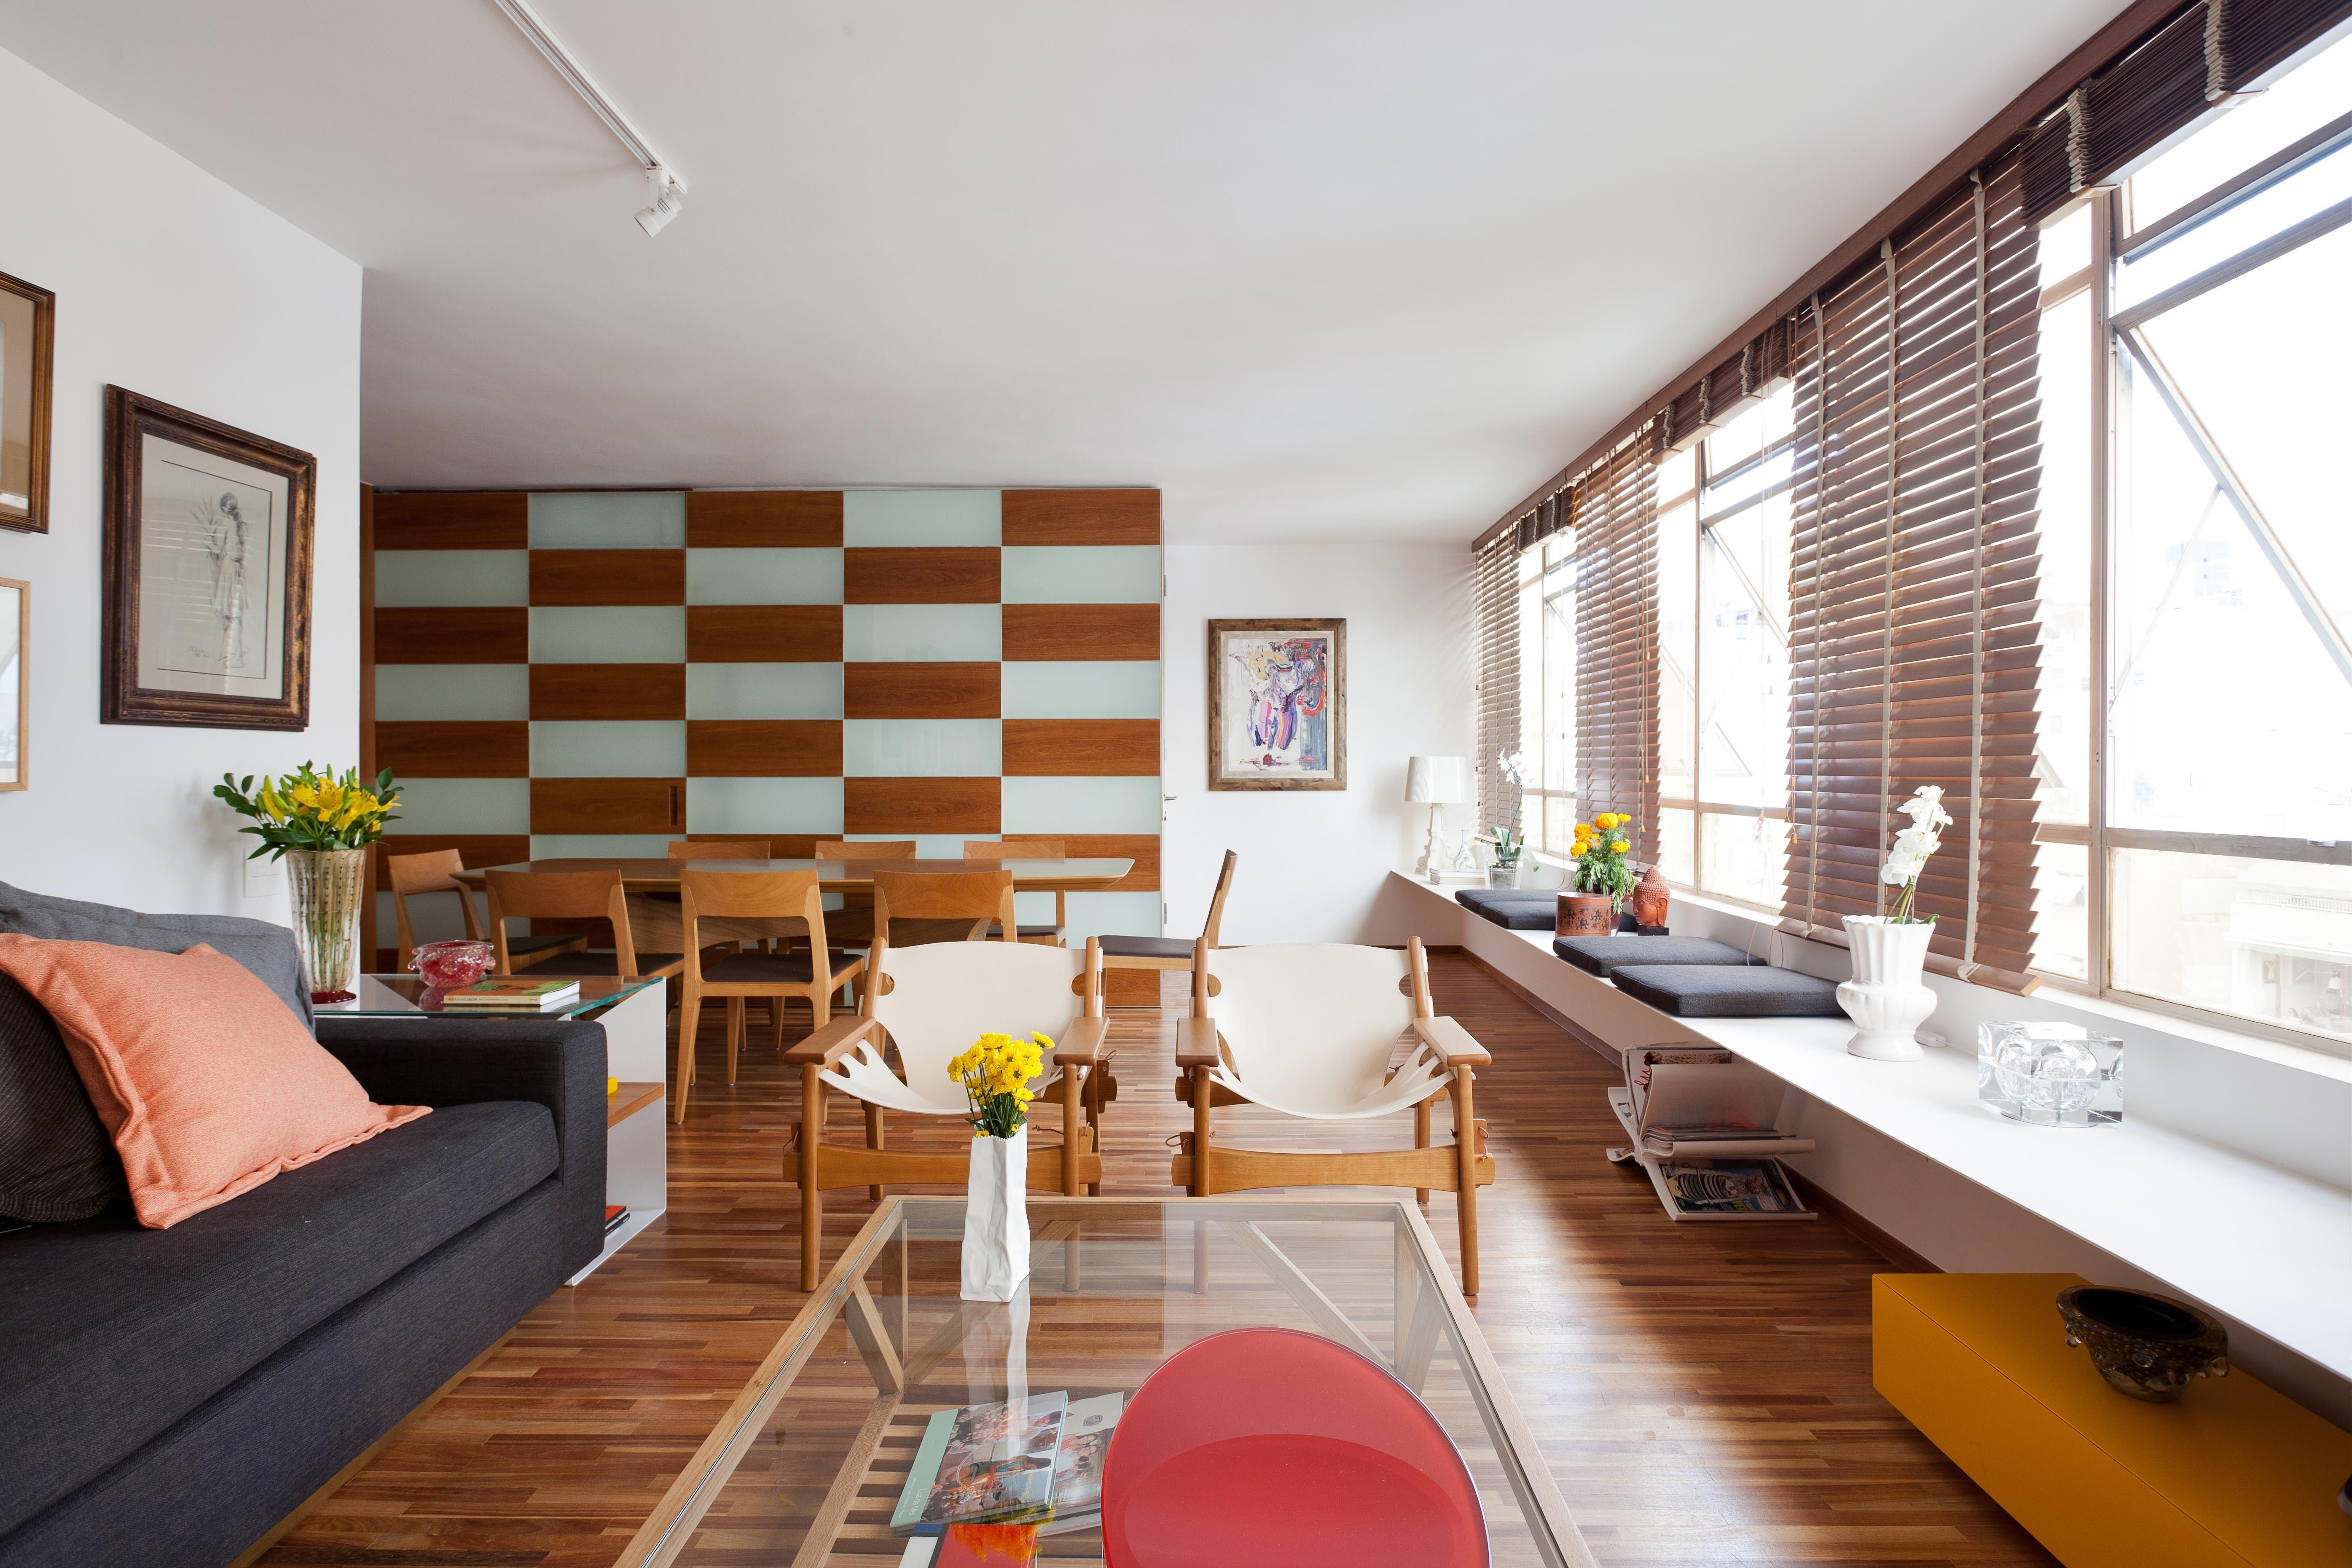 Stylish FT House by Pascali Semerdjian Architects - | homeslook.info